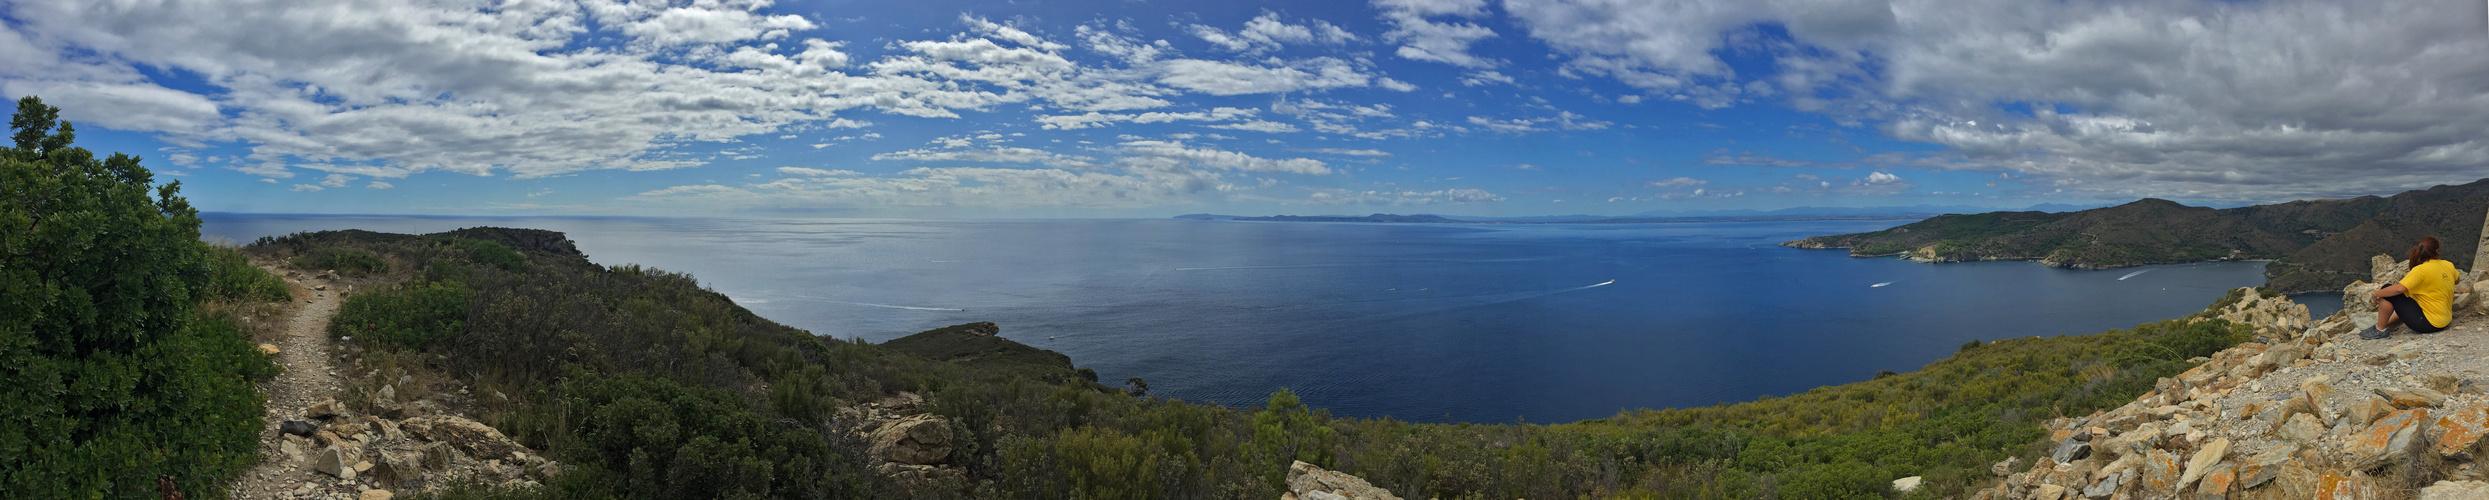 L'abraçada del Pirineu a la Meditarrània